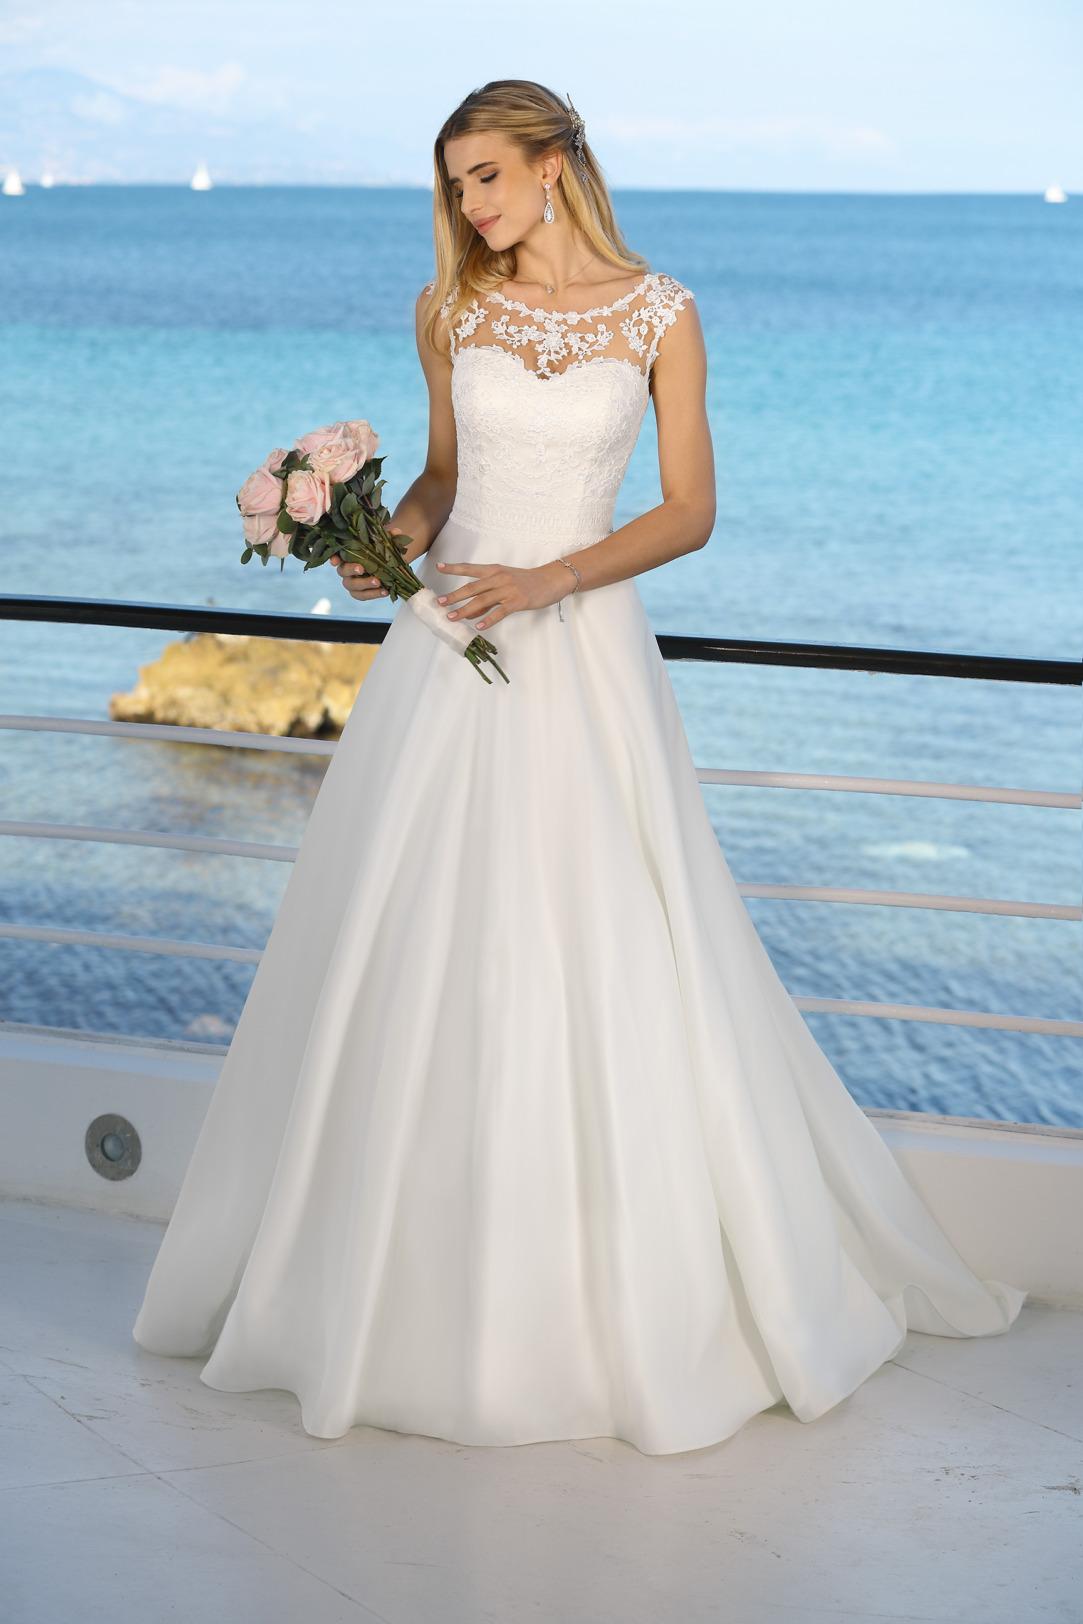 Brautkleid Hochzeitskleid in klassischer A Linie von Ladybird Modell 421080 mit dezenter Tattoo Spitze am Dekolltee in weitem Rock